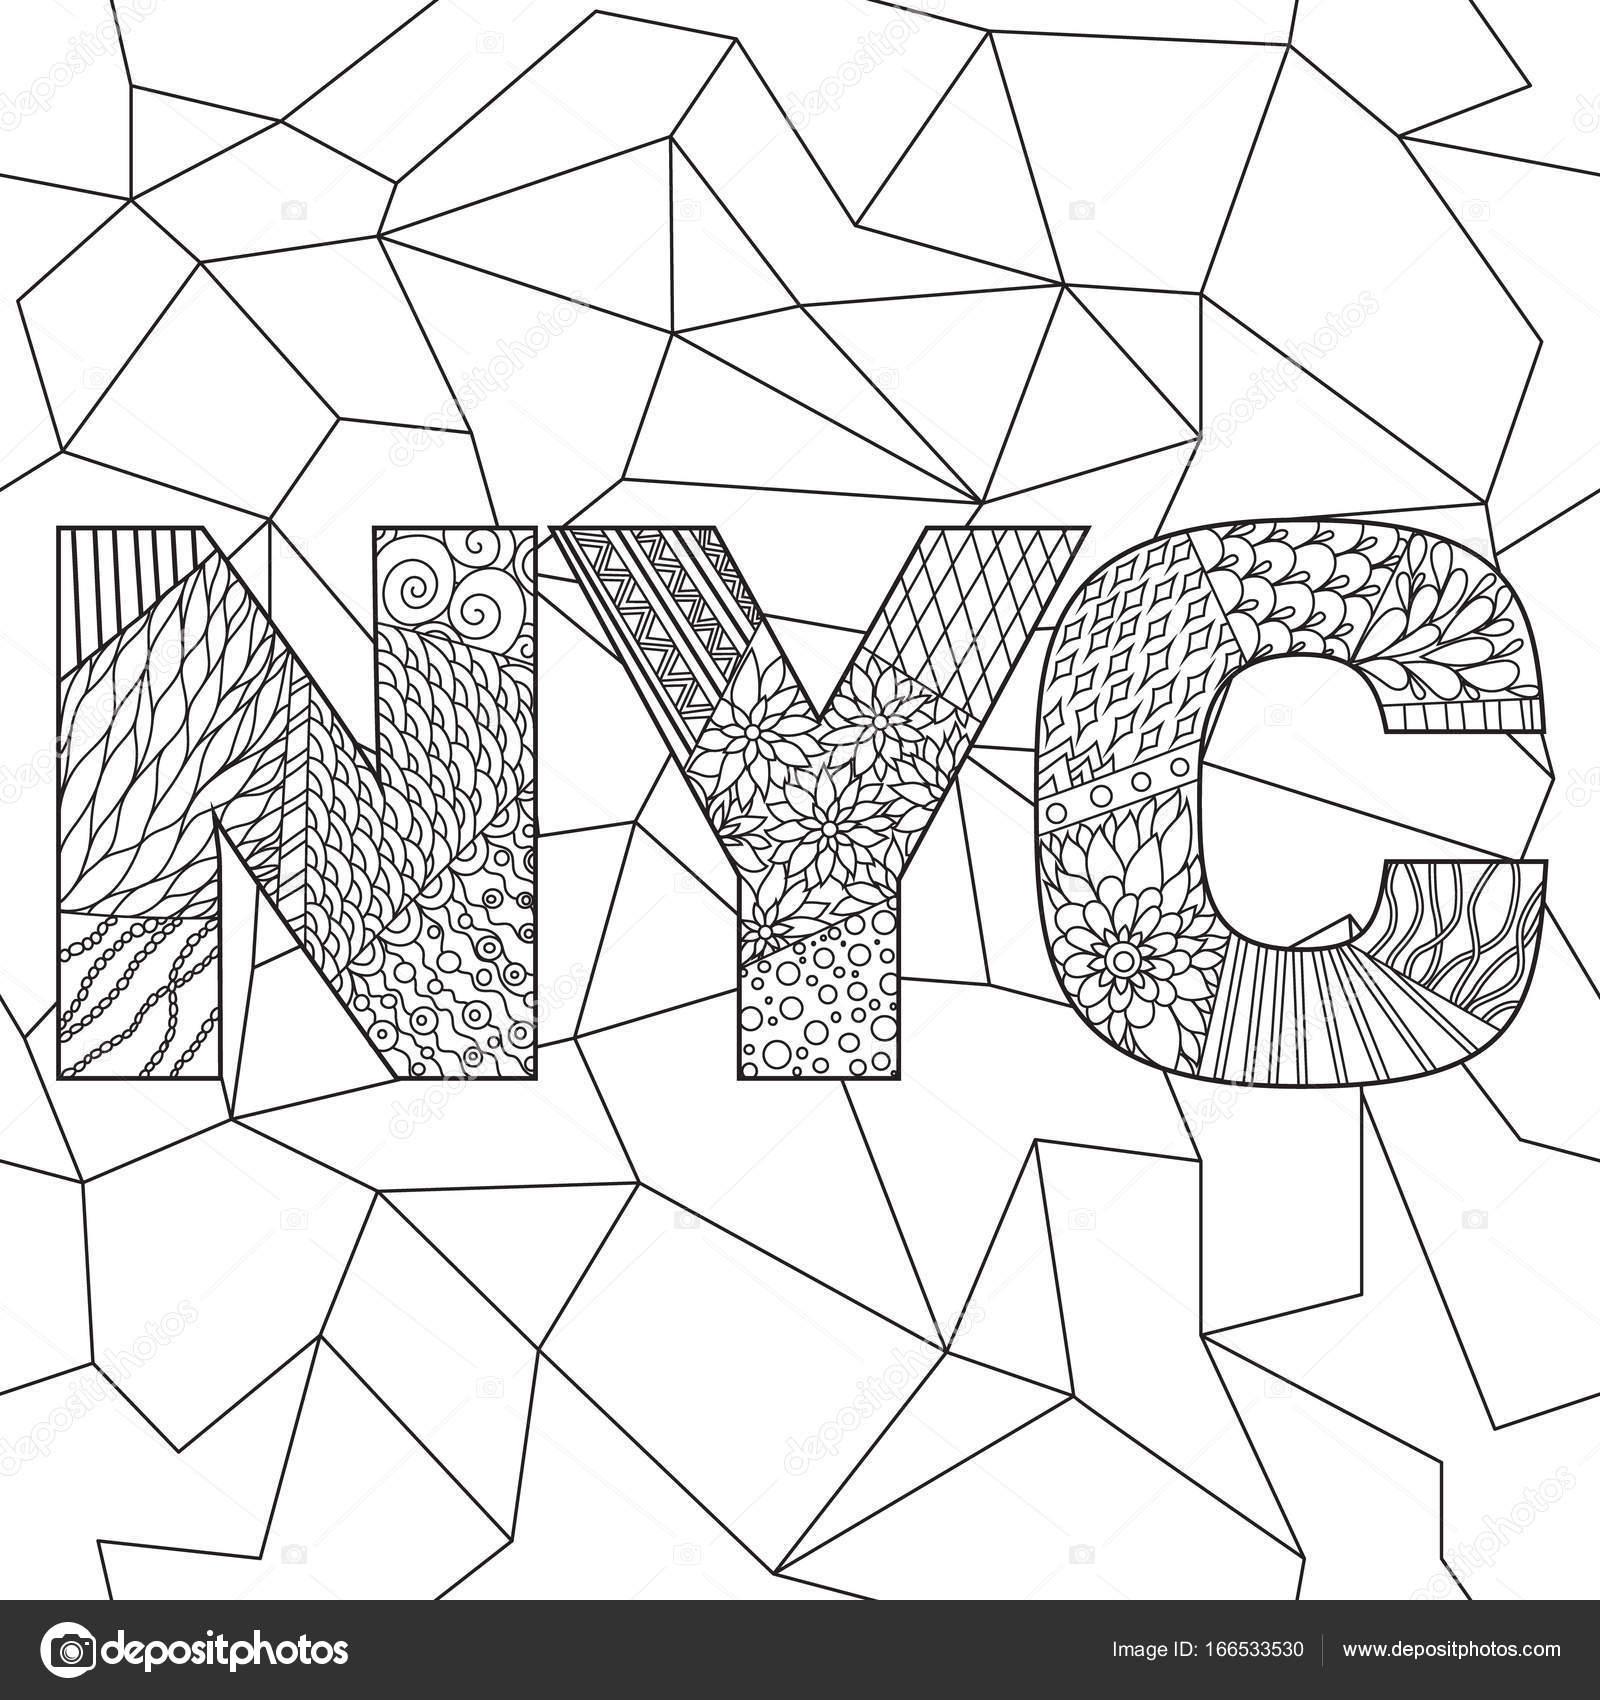 malvorlagen erwachsene new york  coloring and malvorlagan